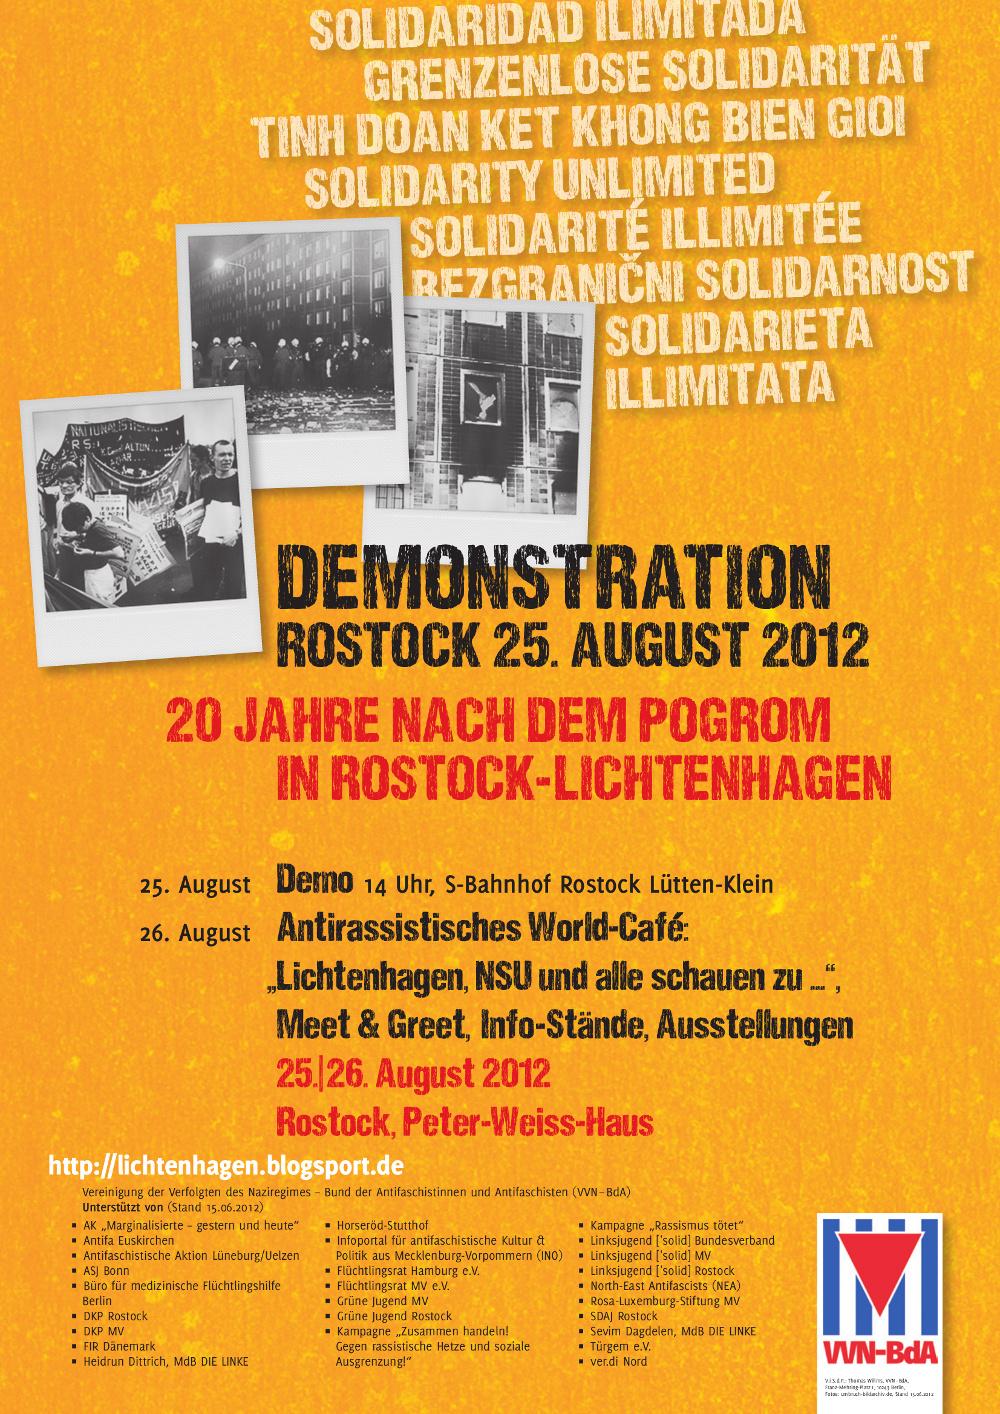 Rostock-Lichtenhagen: Grenzenlose Solidarität!